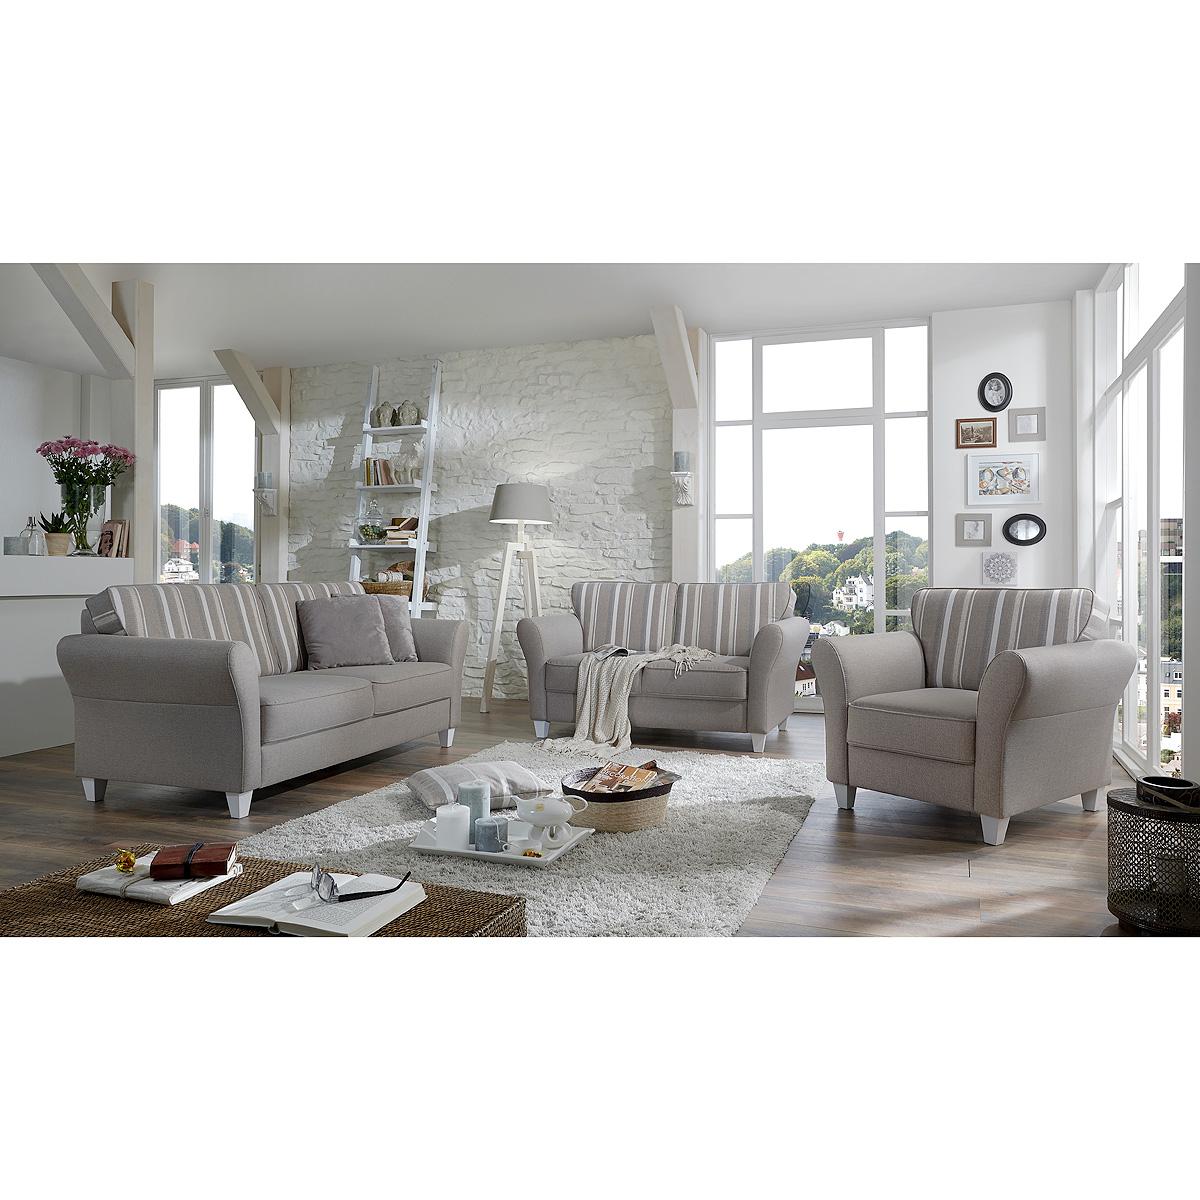 sofagarnitur baltrum sofa garnitur polsterm bel in beige im landhaus stil ebay. Black Bedroom Furniture Sets. Home Design Ideas